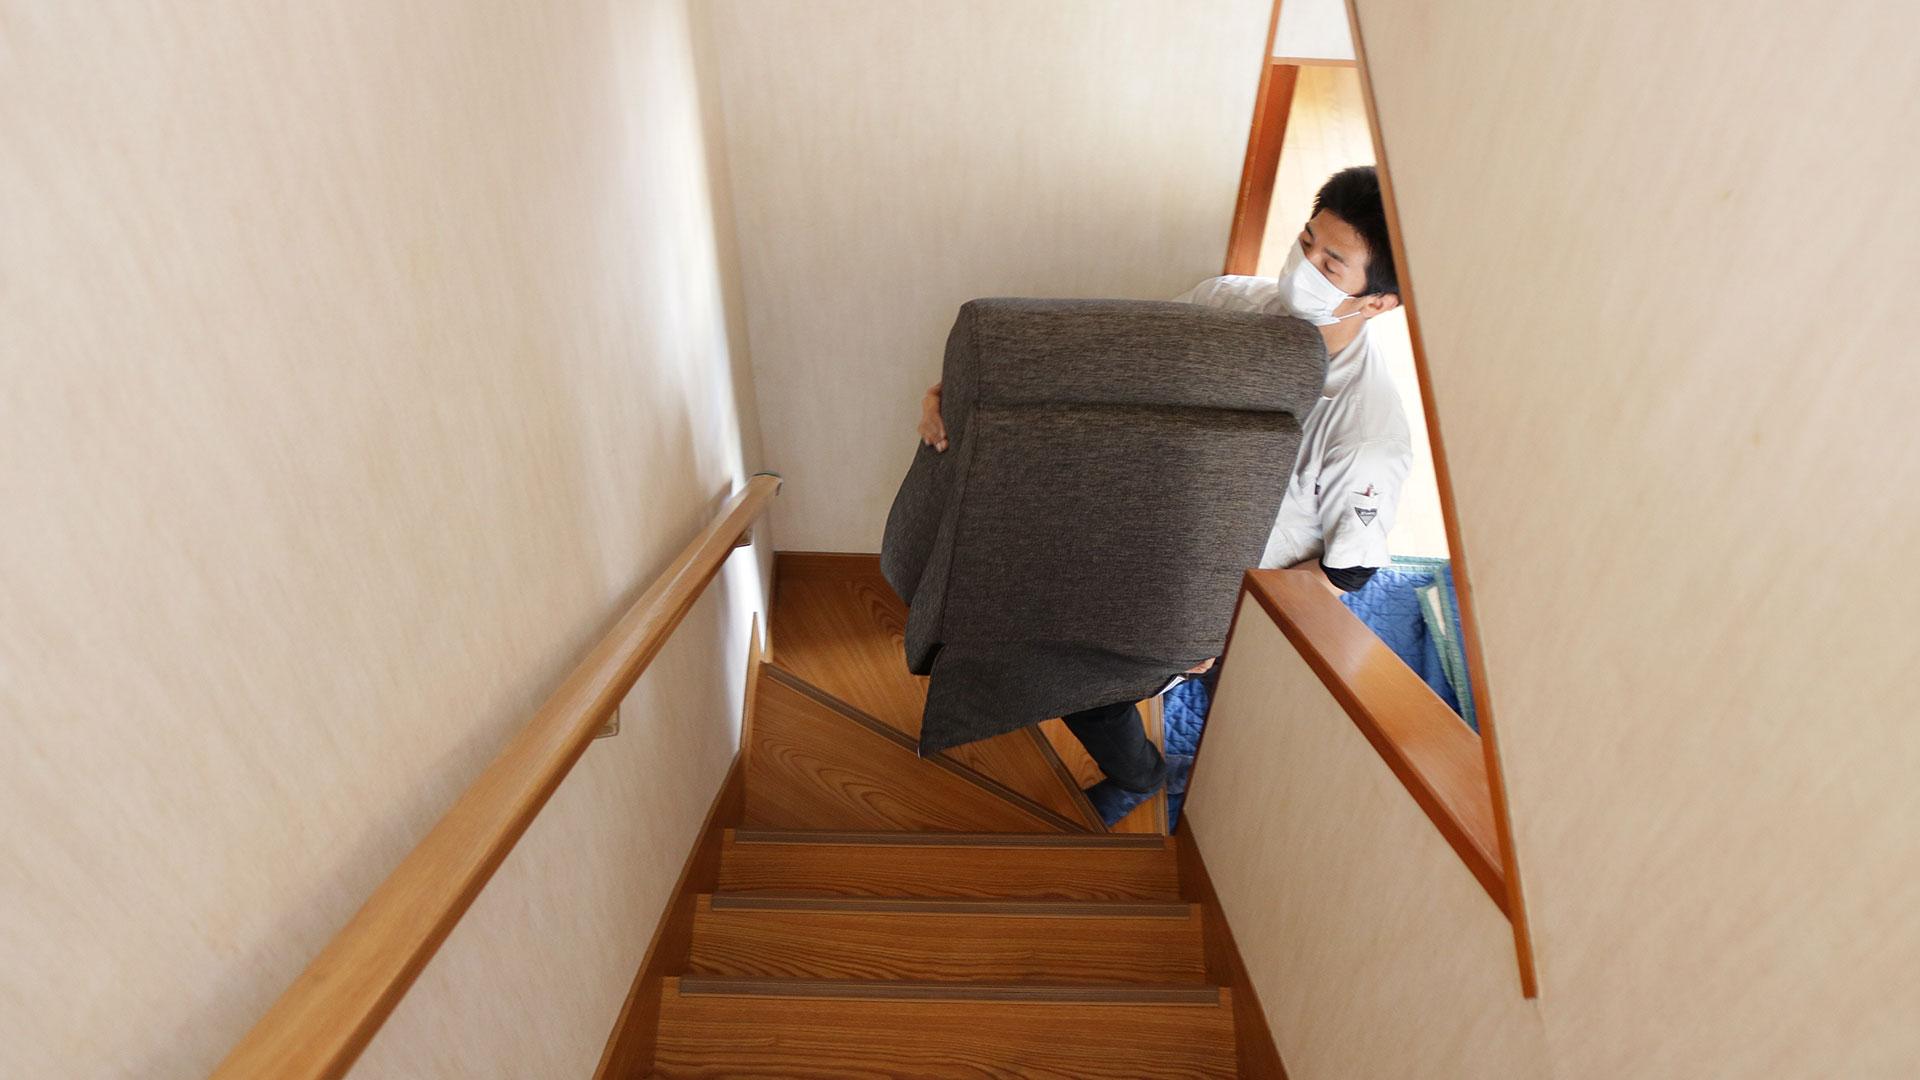 ソファを階段で搬入する写真